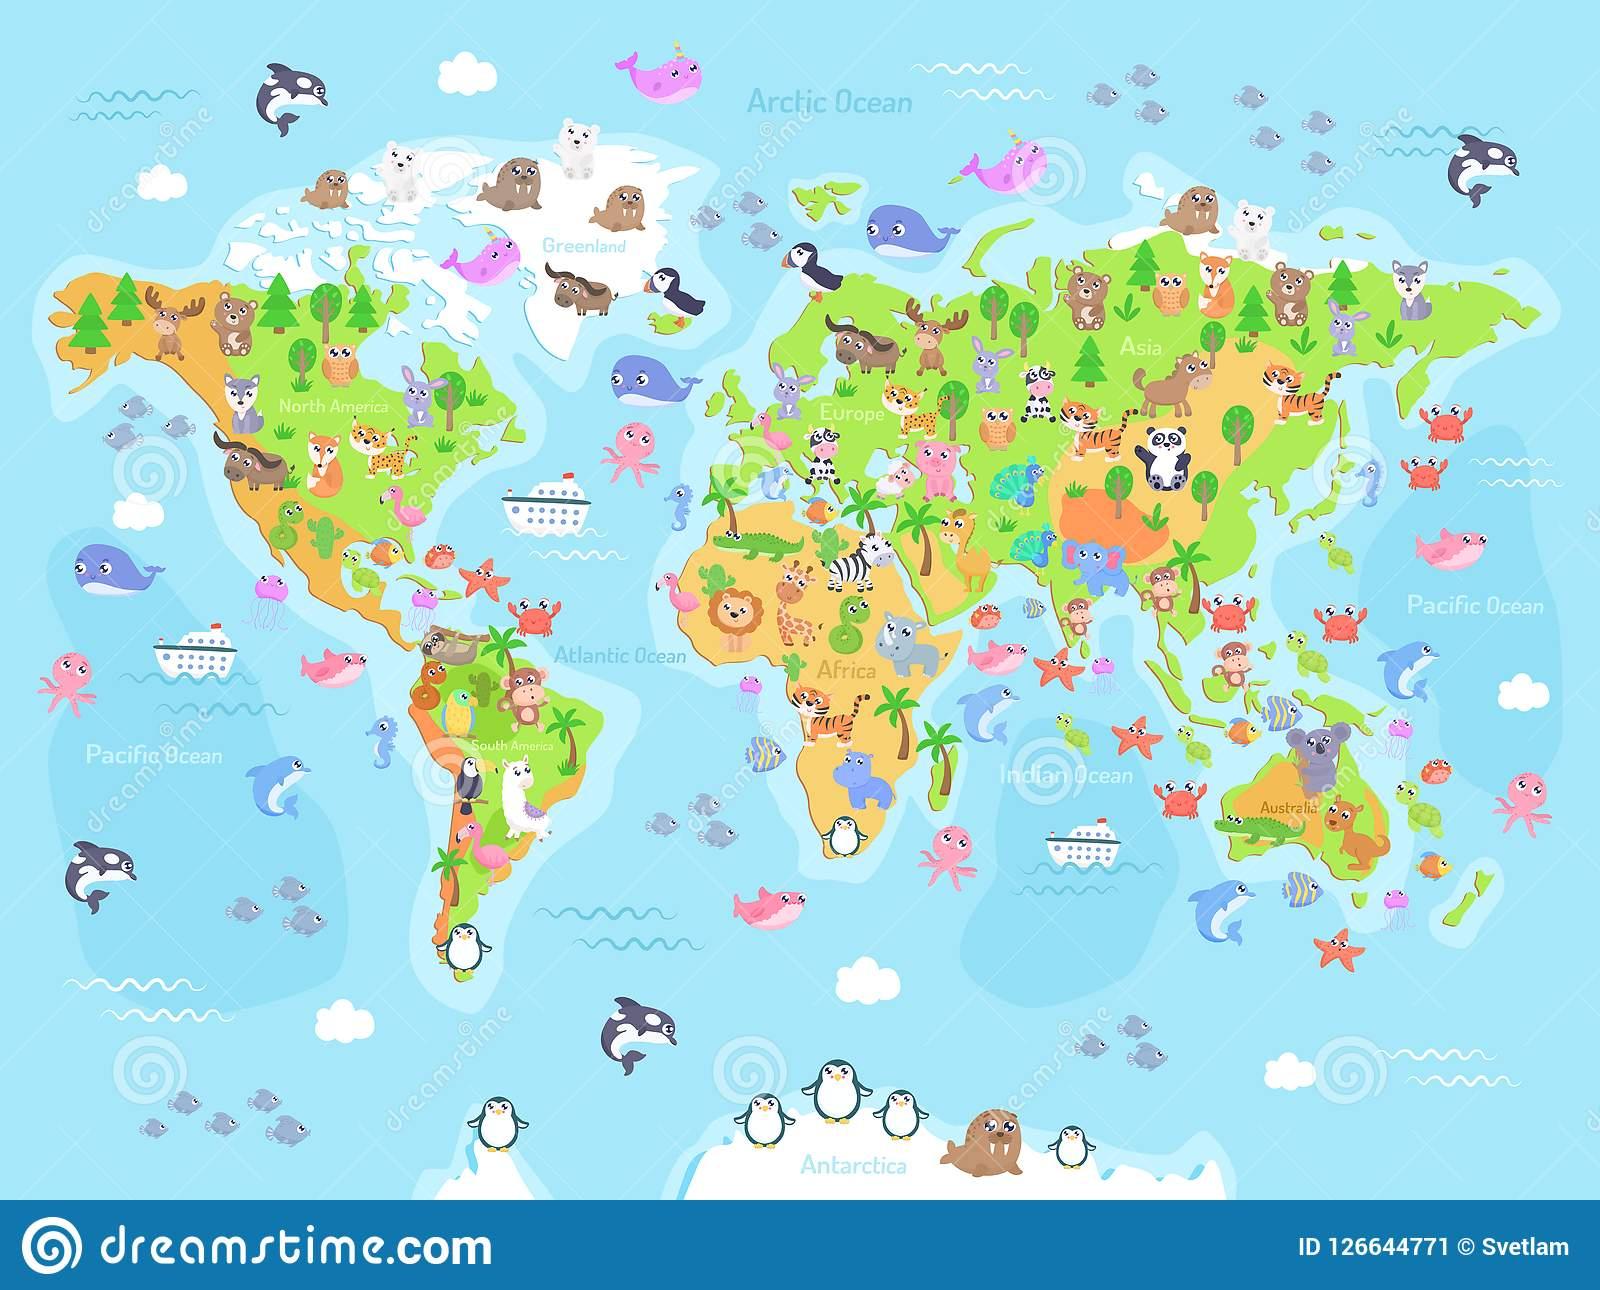 Dirigez L'illustration De La Carte Du Monde Avec Des Animaux destiné Carte Du Monde Enfant